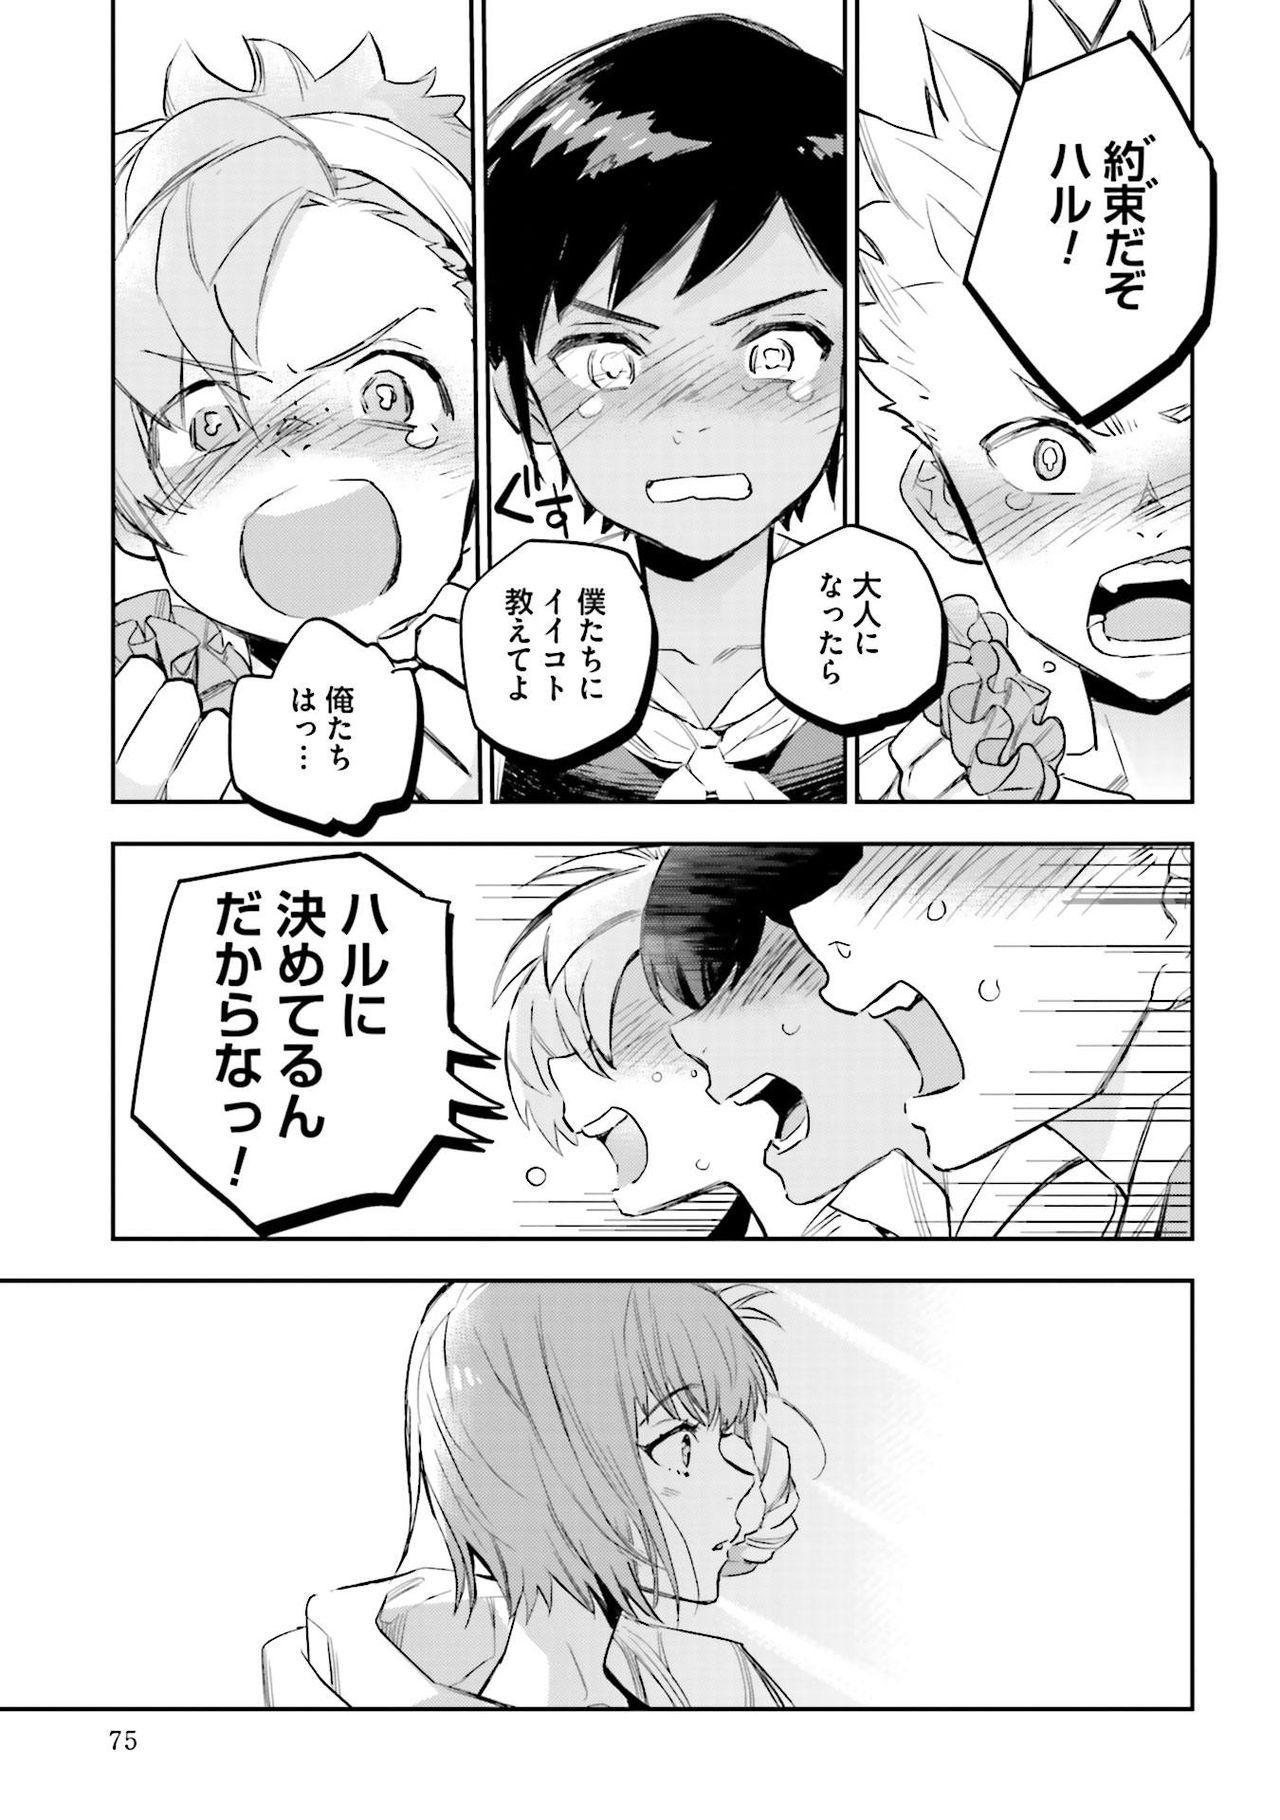 JK Haru wa Isekai de Shoufu ni Natta 1-14 434